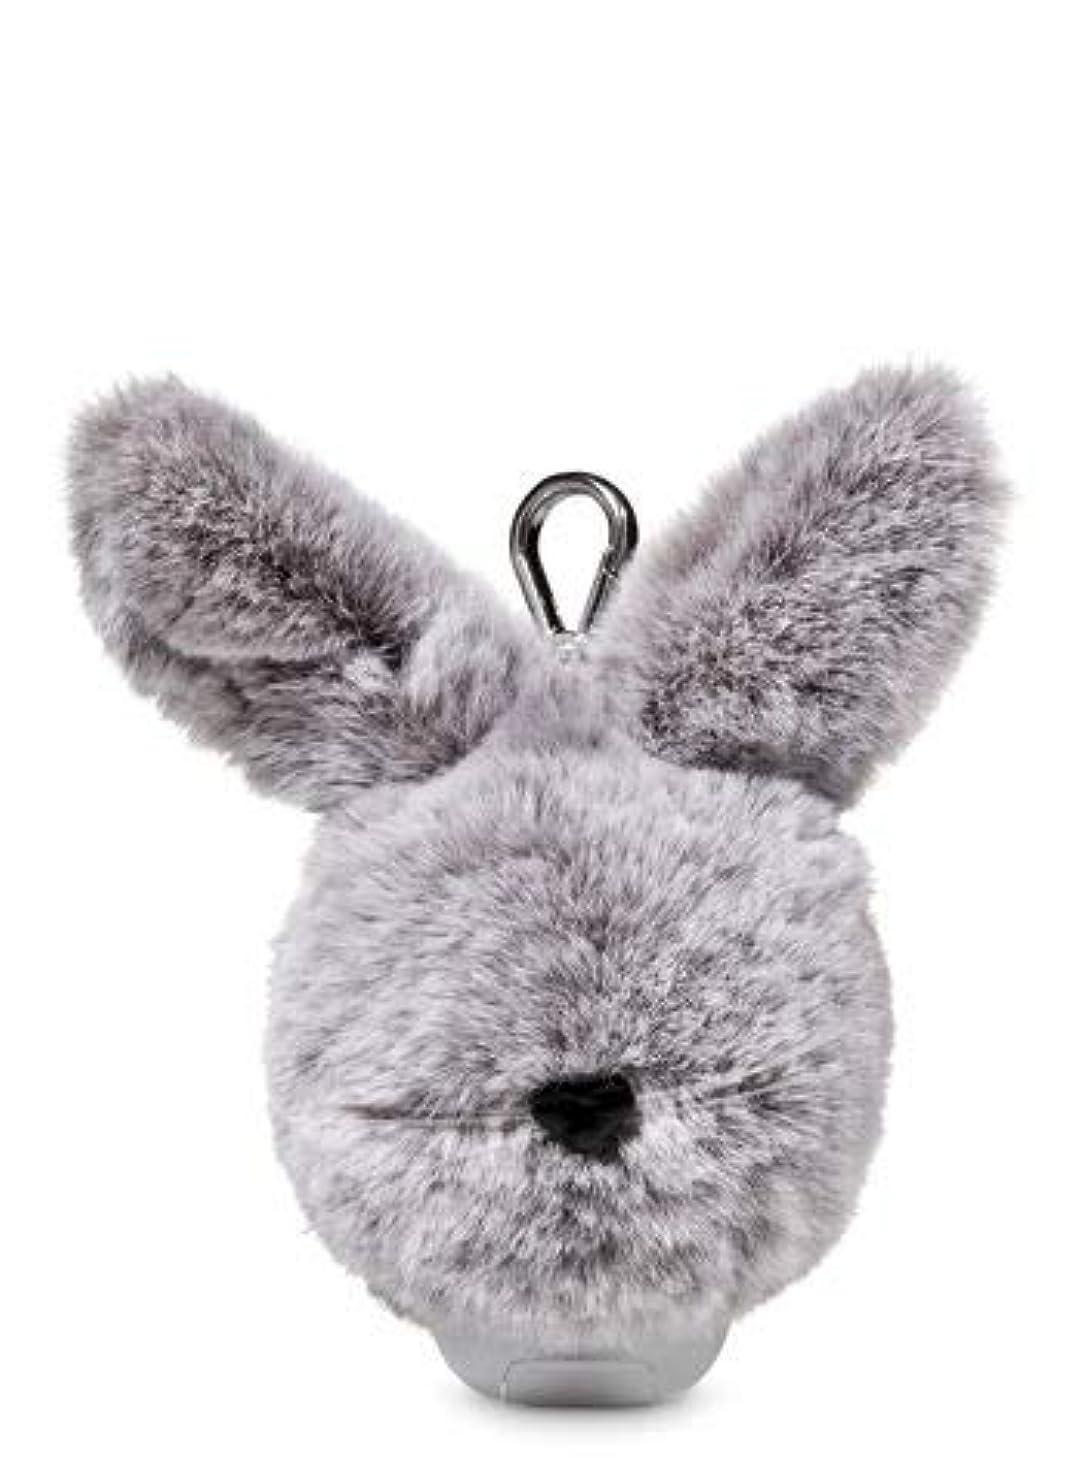 うがい薬運営迫害する【Bath&Body Works/バス&ボディワークス】 抗菌ハンドジェルホルダー イースターバニーポム Pocketbac Holder Easter Bunny Pom [並行輸入品]